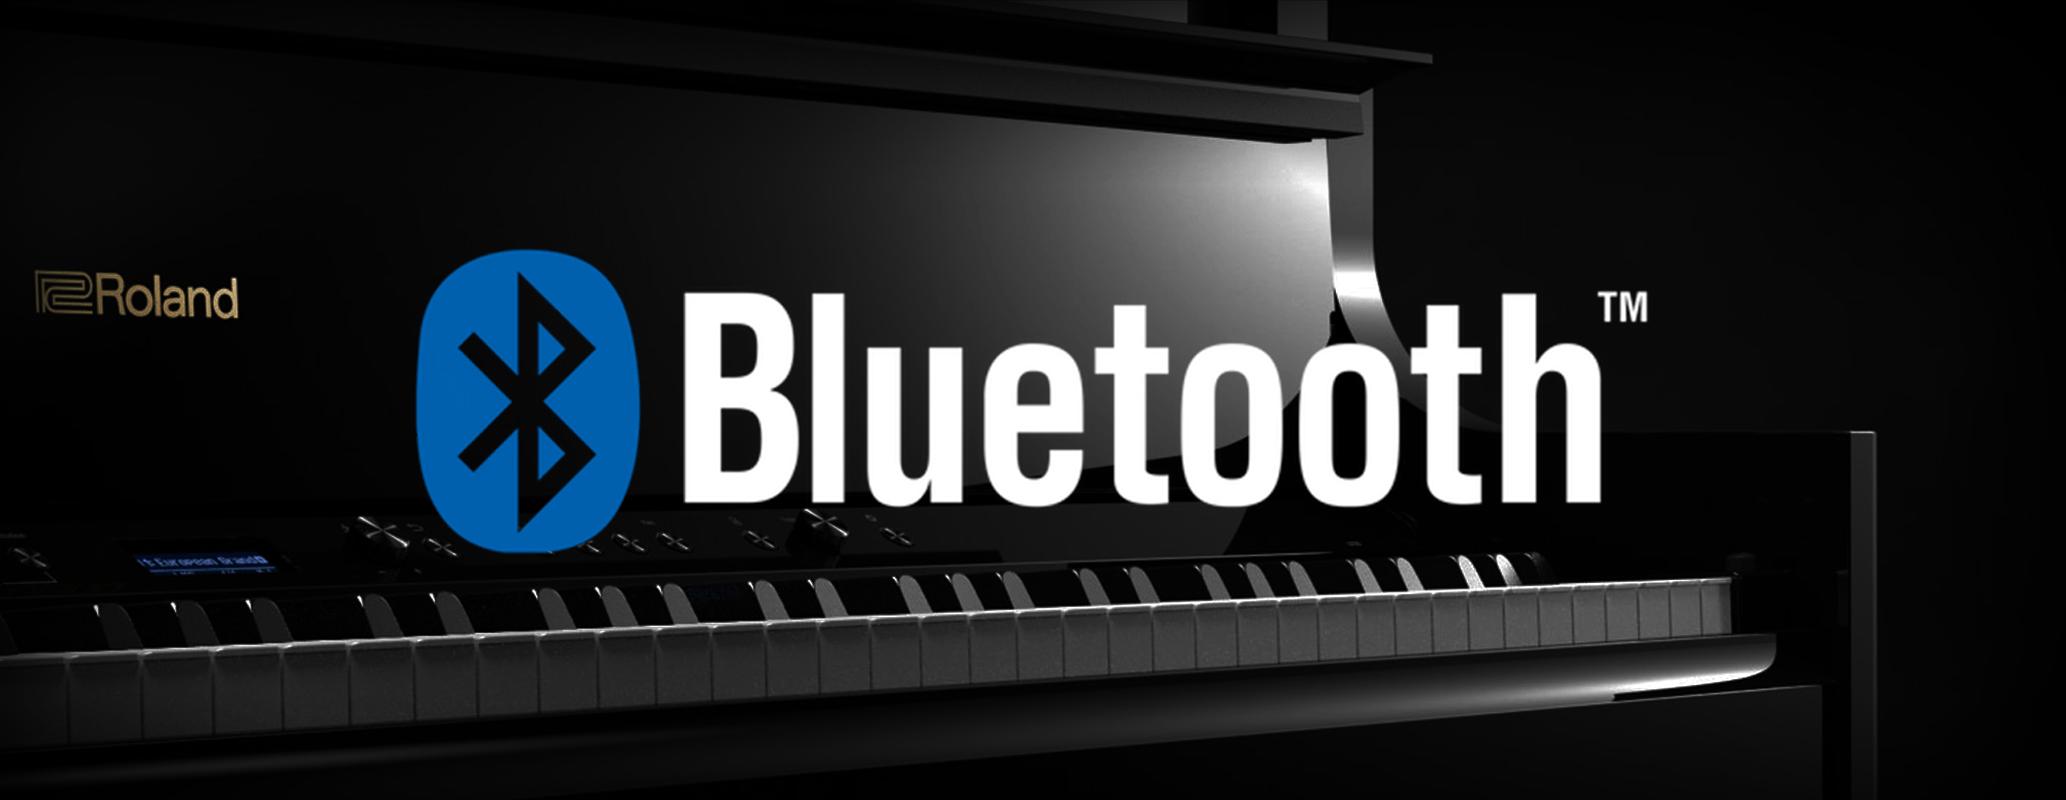 Hvad kan jeg bruge Bluetooth til?